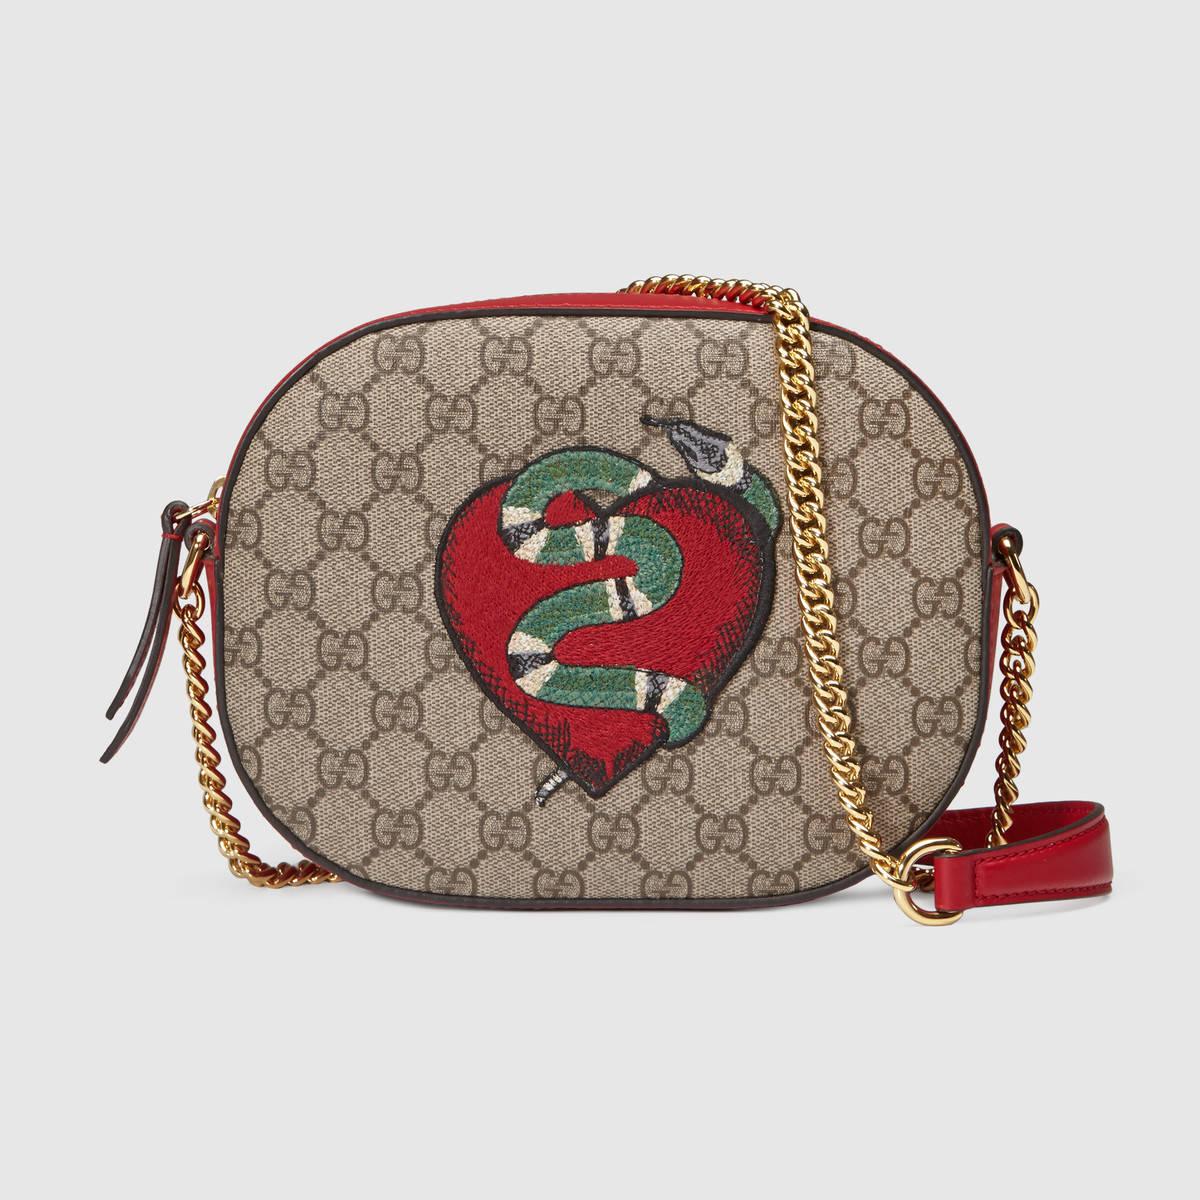 409535_K8KCG_9789_001_070_0015_Light-Limited-Edition-GG-Supreme-mini-chain-bag-1.jpg